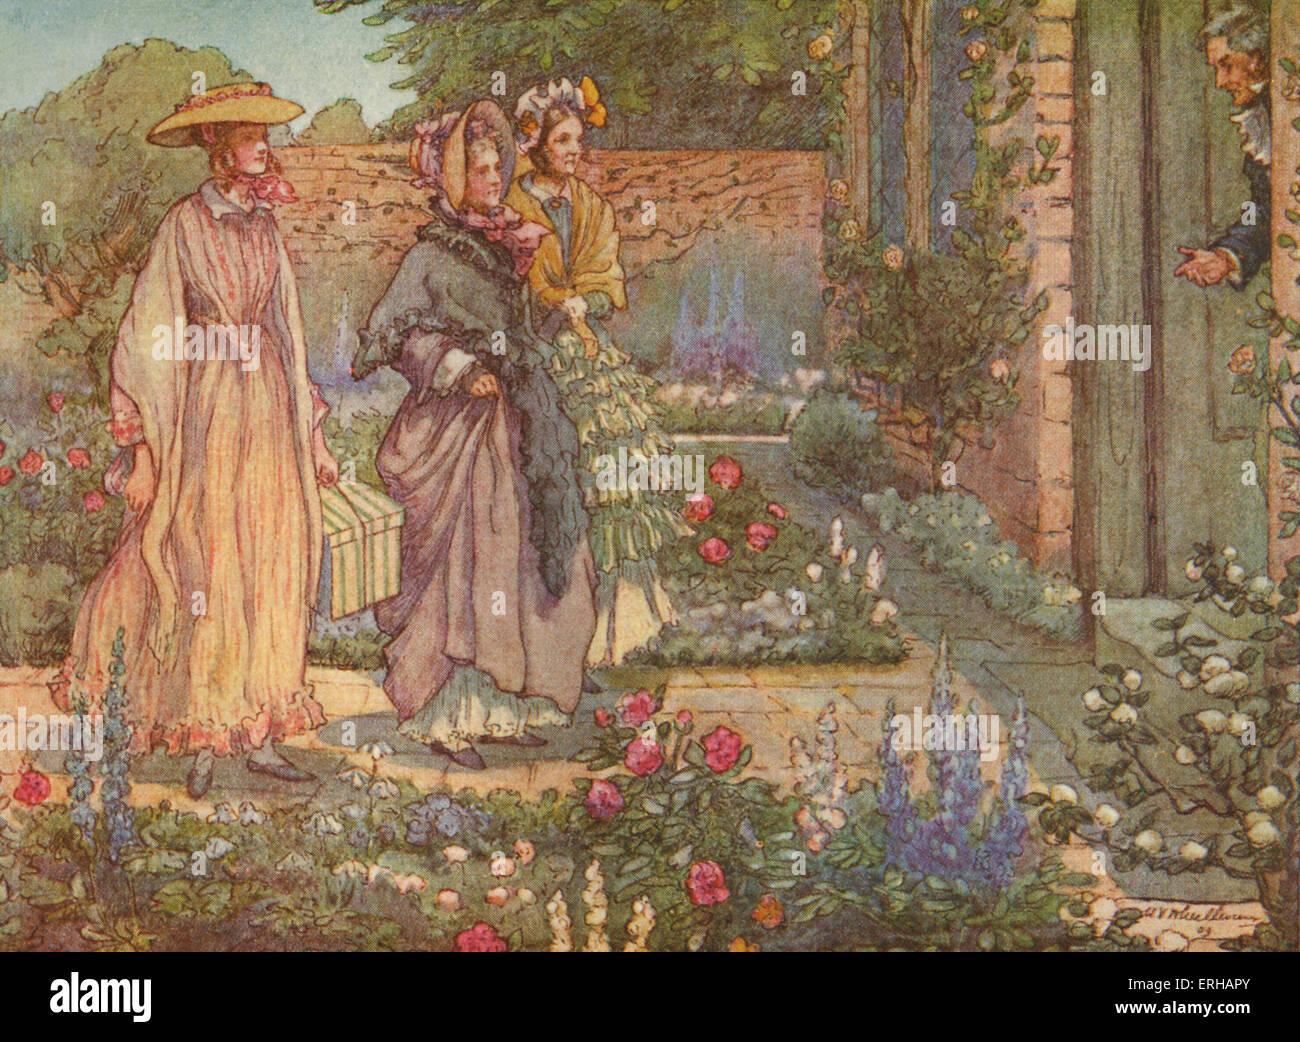 Cranford da Elizabeth Gaskell. Illustrazioni di M V timoneria (1895-1933). La didascalia recita: solo allora il Immagini Stock